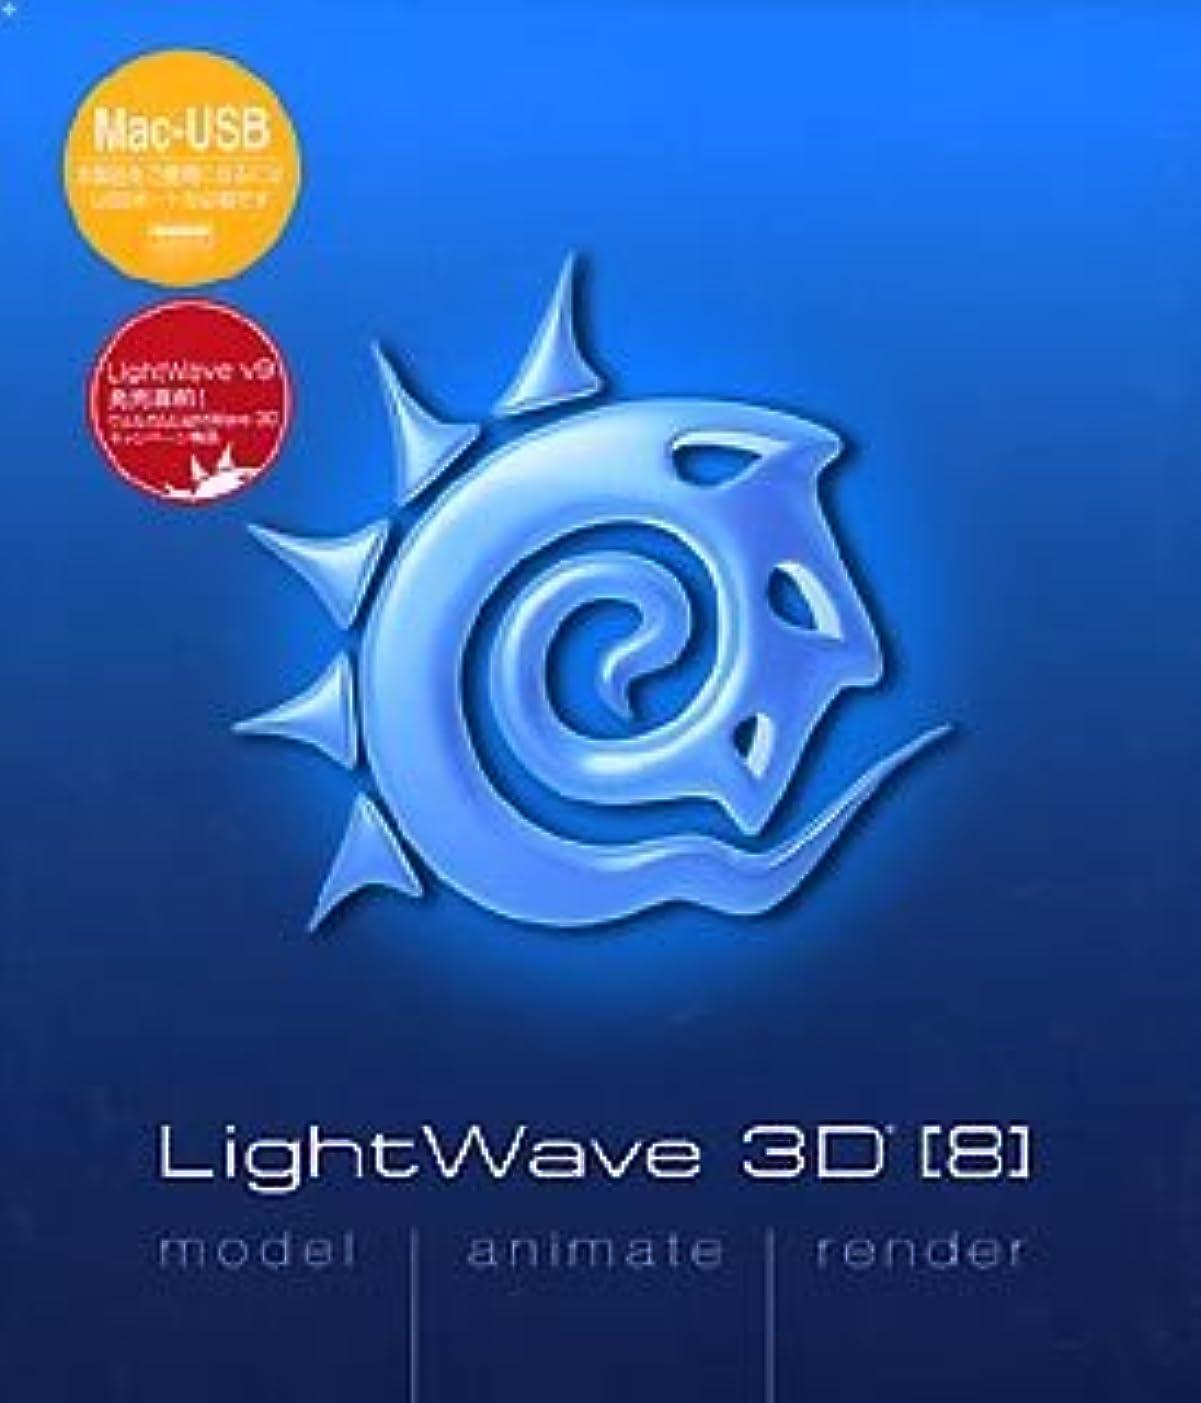 血まみれ鉛雲LightWave 3D [8] Mac-USB 日本語版 (製本マニュアル) LW9 無償ダウンロード権利付